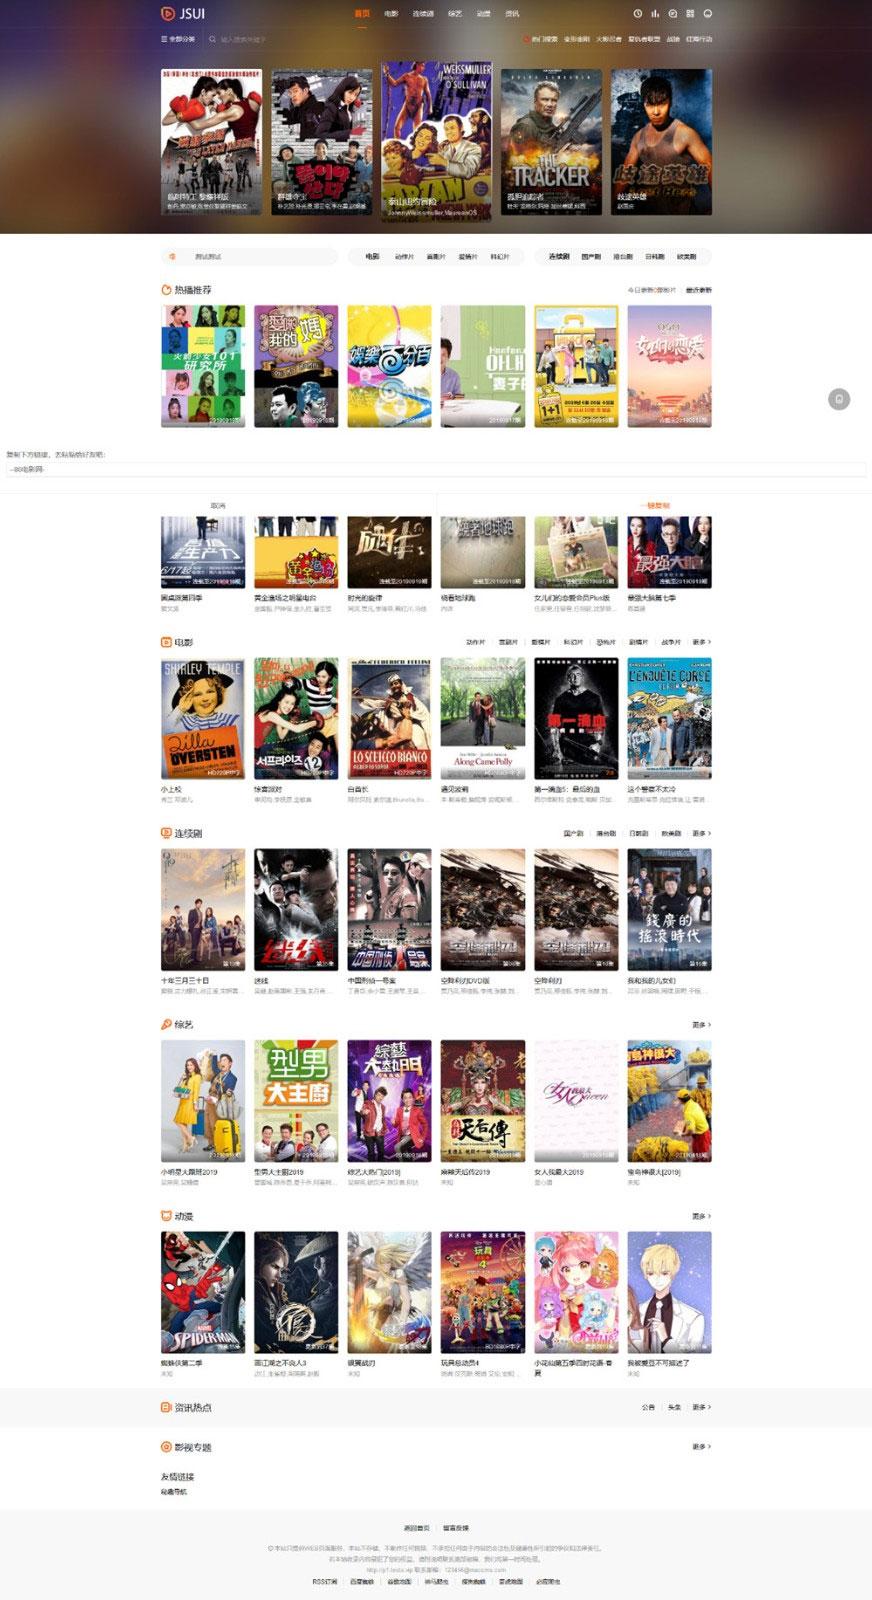 苹果cmsV10秘趣响应式高端在线影视视频网站源码